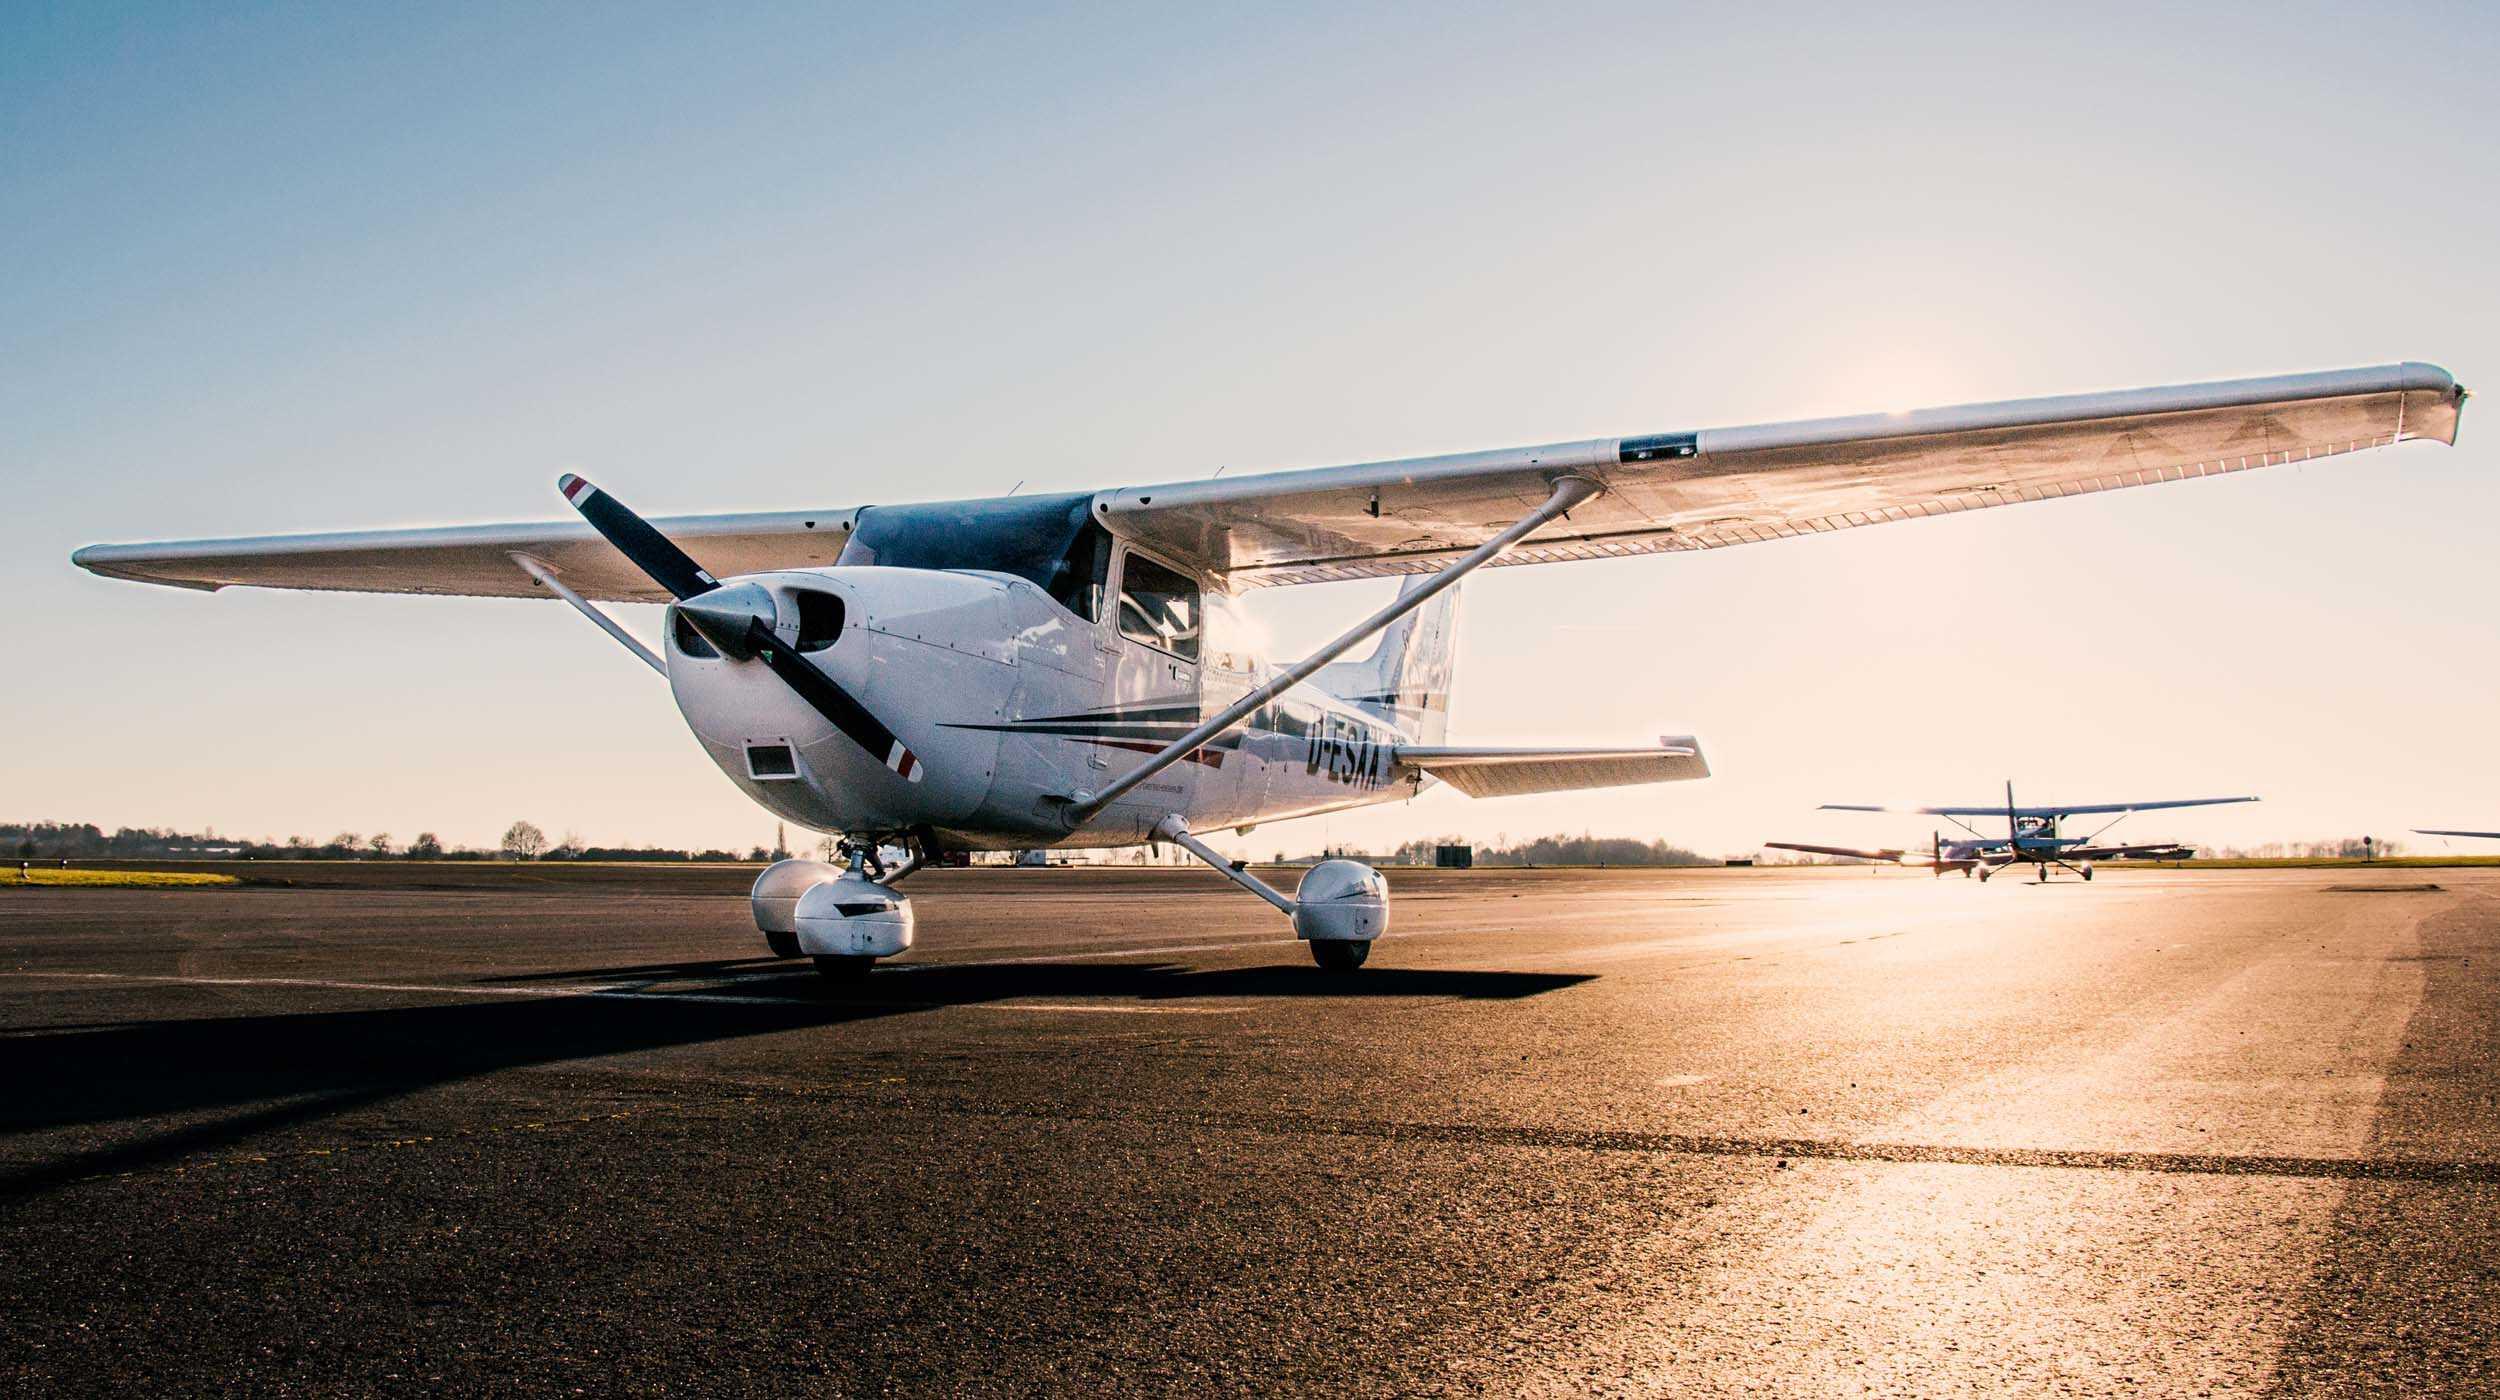 neiser filmproduktion aerial Luftaufnahmen Piloten Lizenz ppl video film produktion